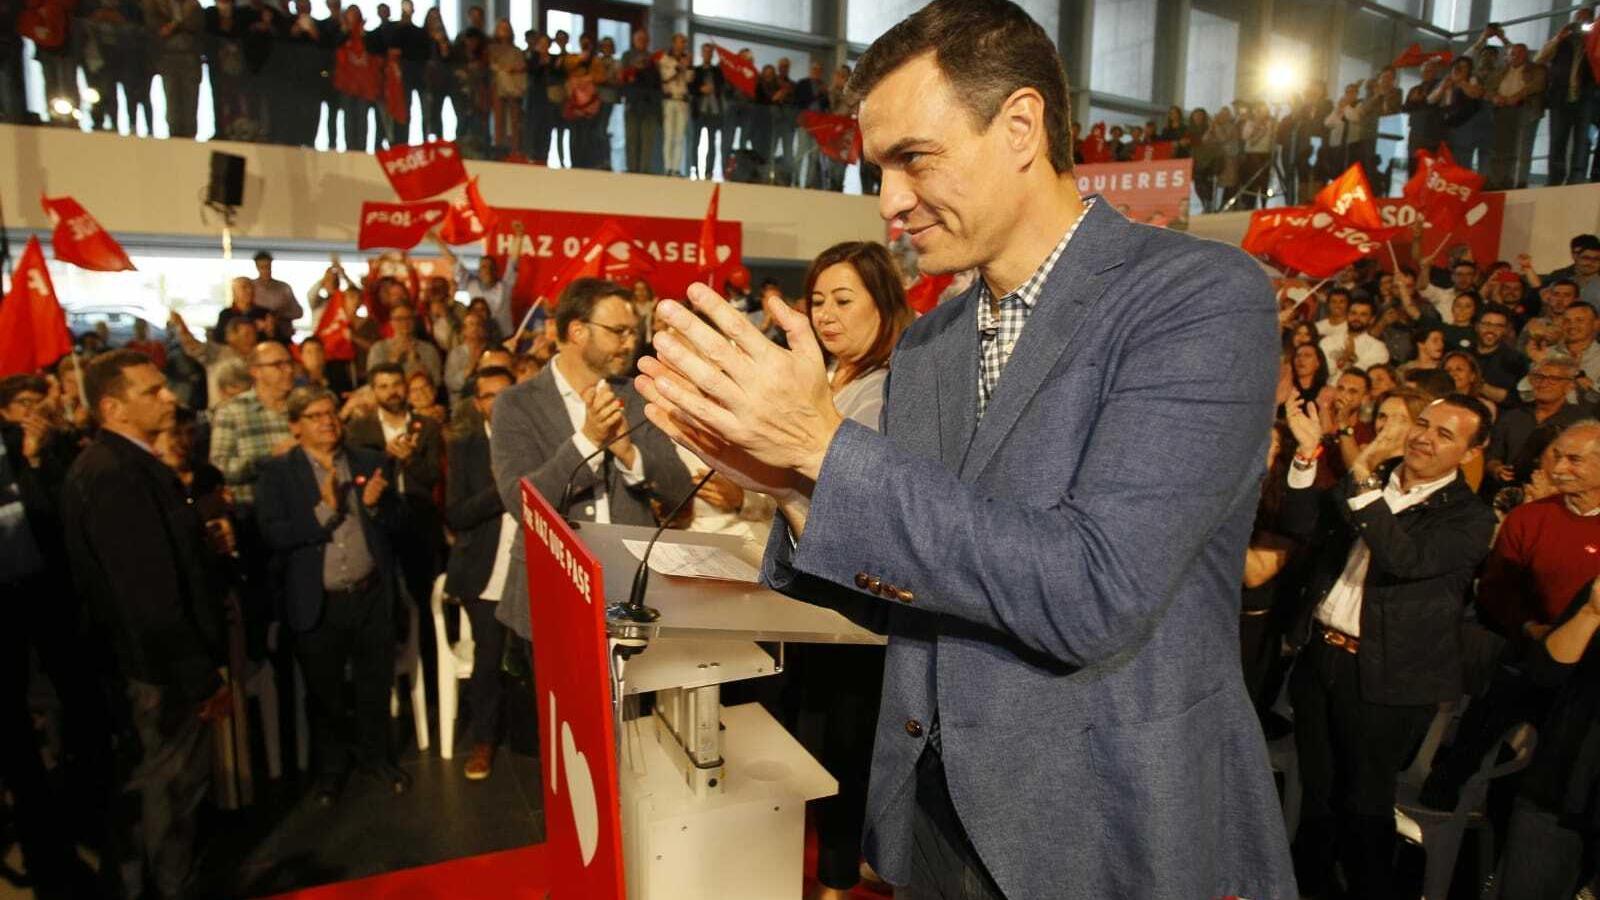 Pedro Sánchez en el míting del Palau de Congressos a Palma. / ISAAC BUJ